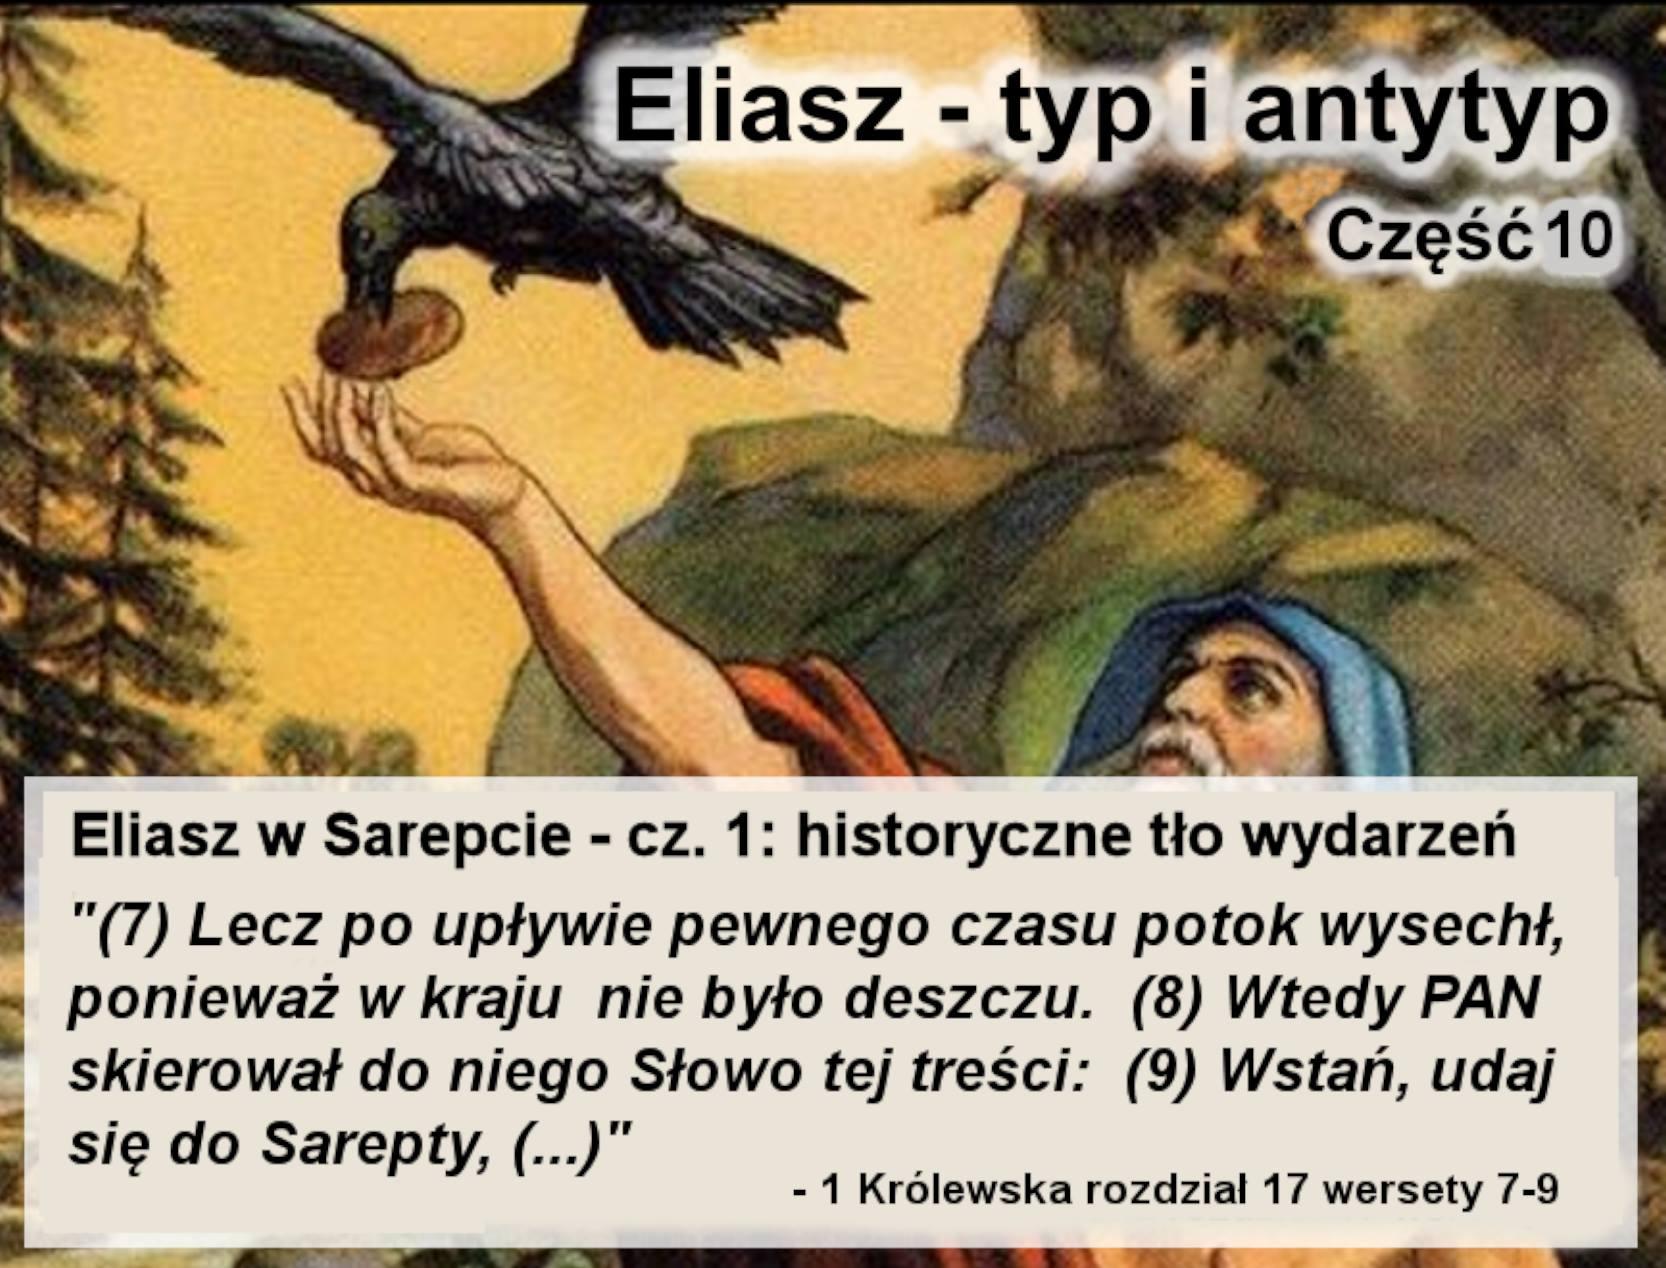 Eliasz w Sarepcie - cz. 1: historyczne tło wydarzeń